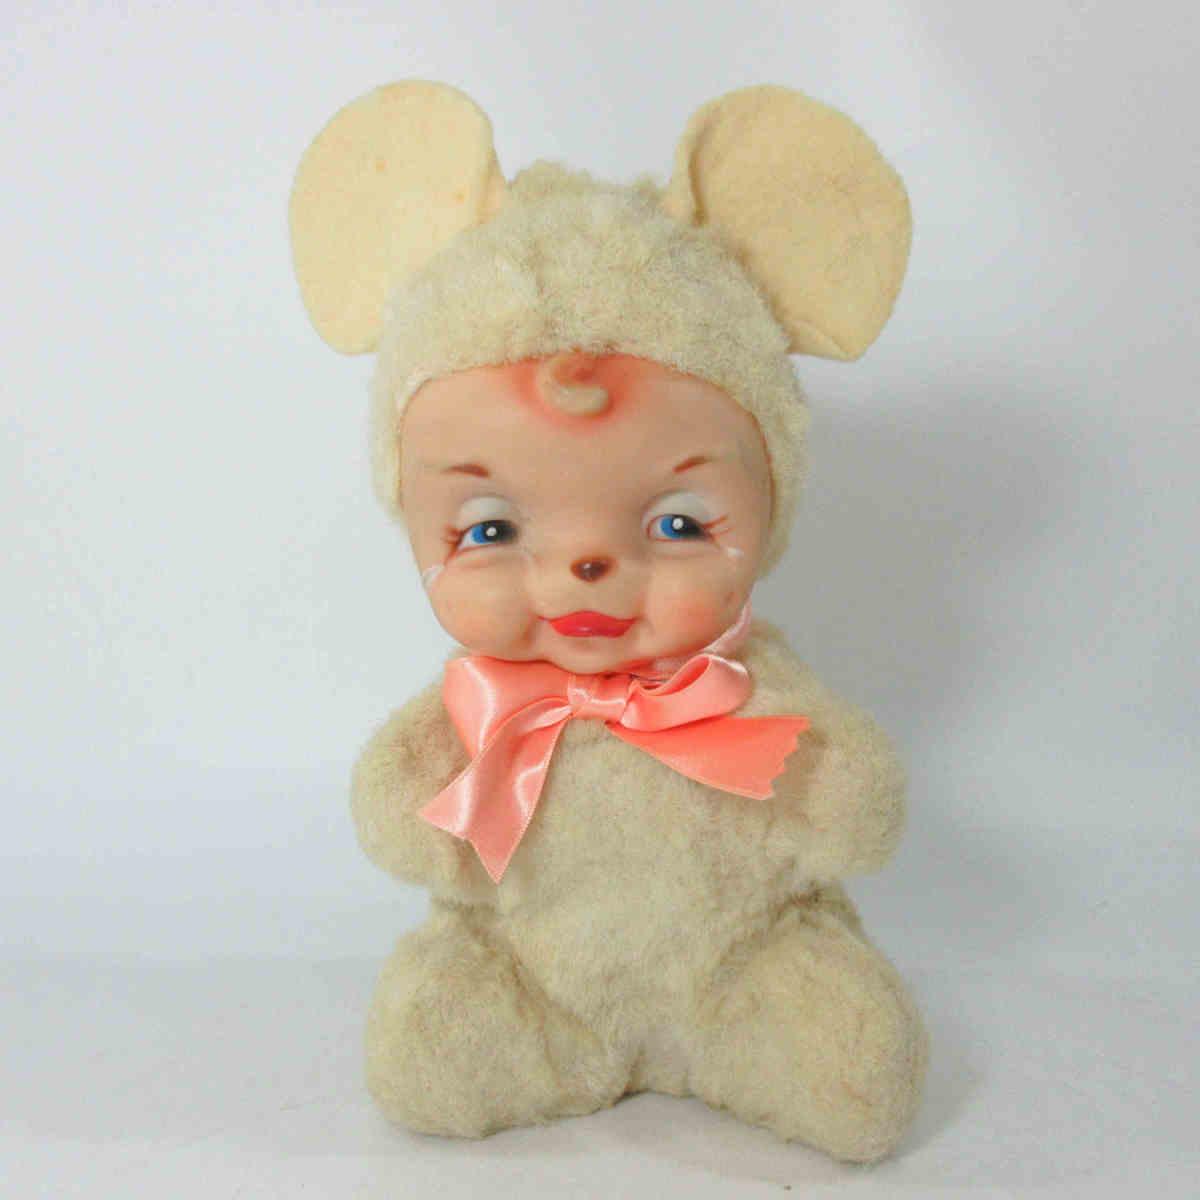 ★Rushton ラシュトン 泣き虫ベアマウス 17㎝ ラバーフェイス ぬいぐるみ 人形 クライングベアマウス ねずみ ヴィンテージ g76